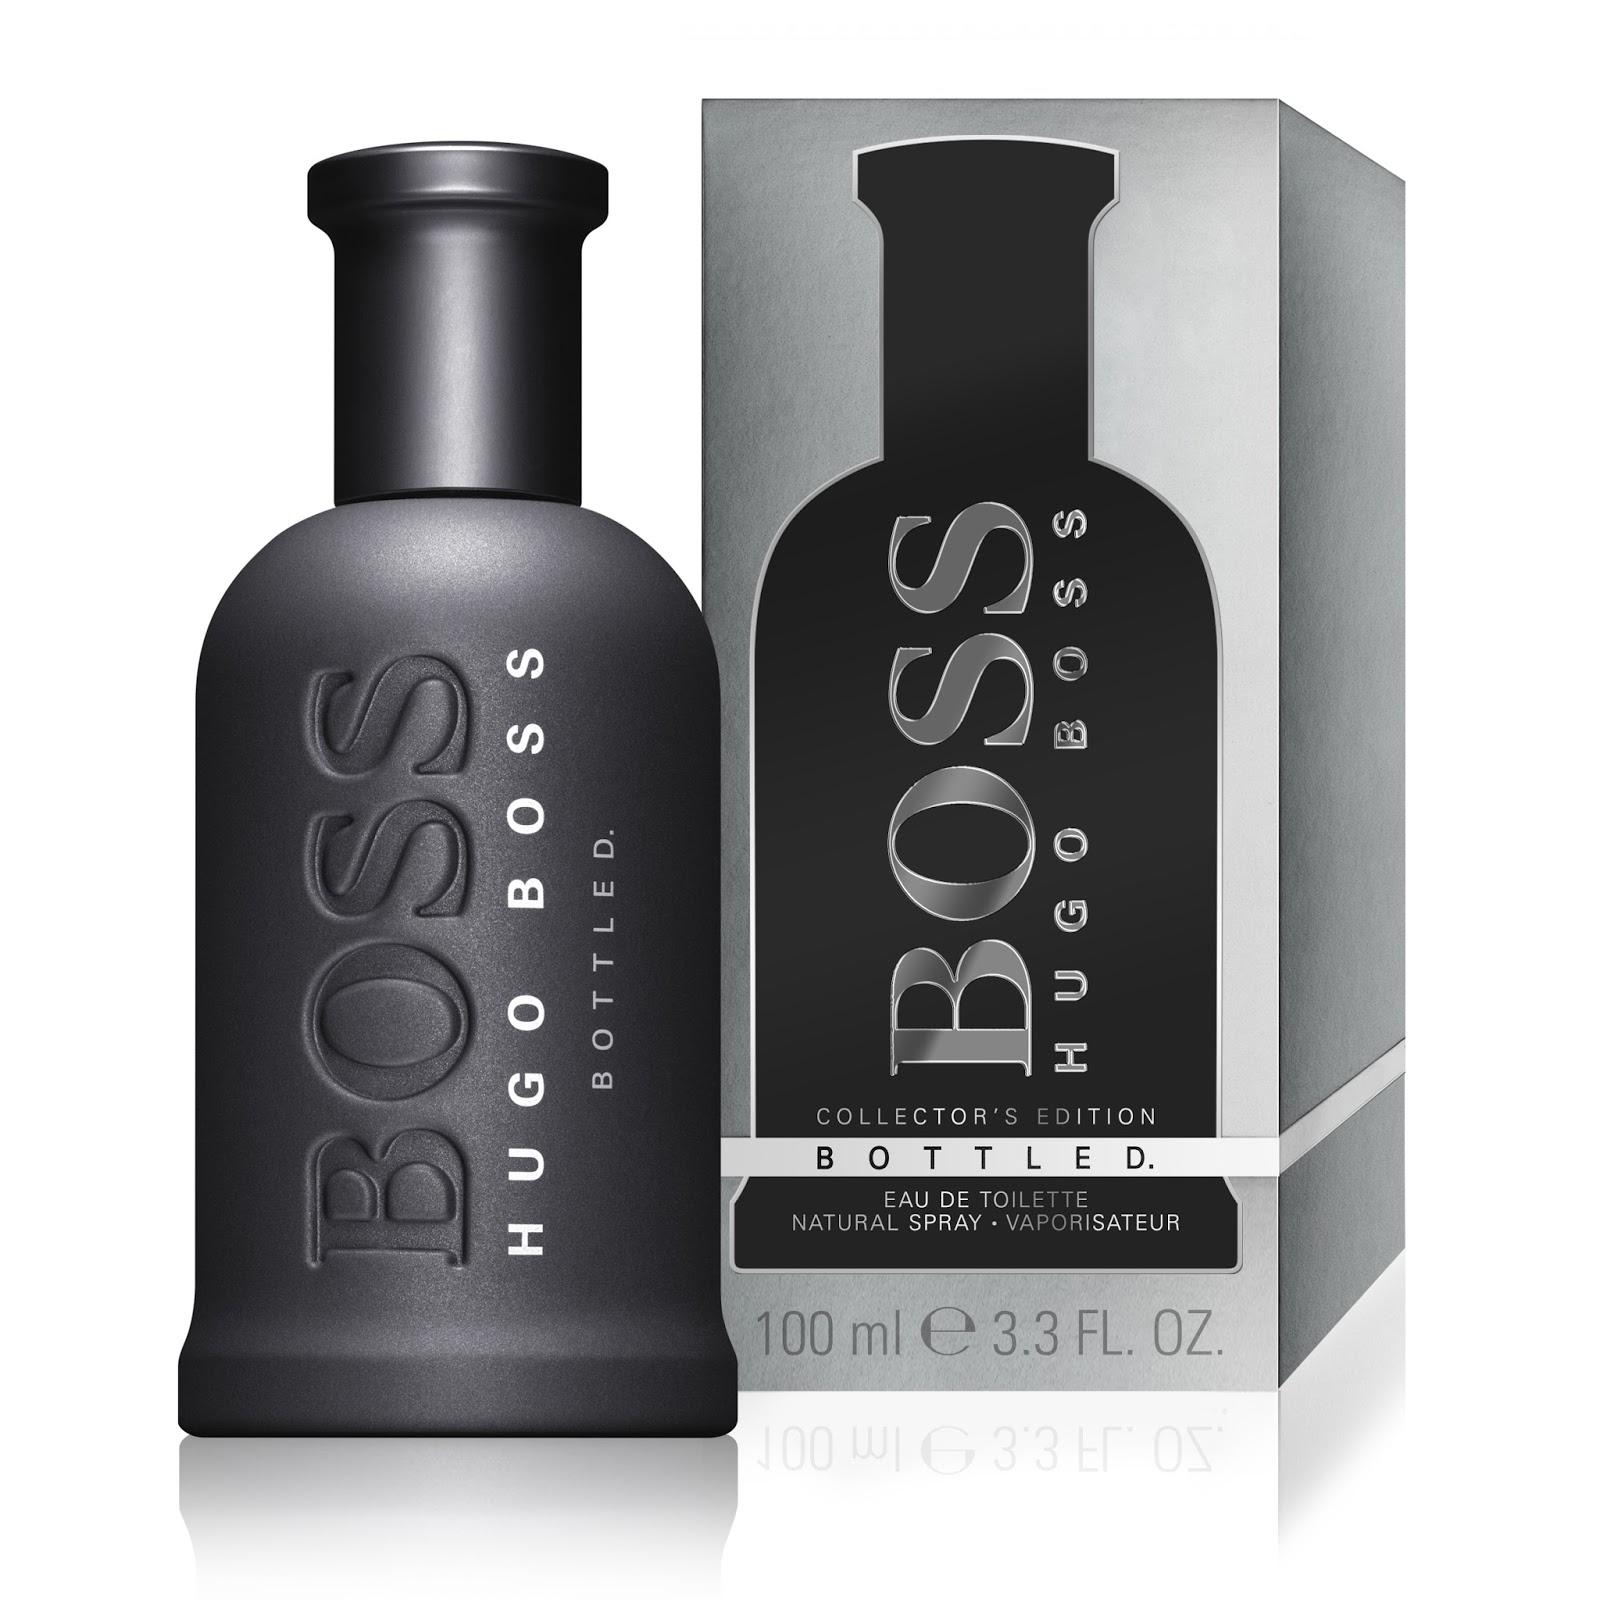 profumo boss uomo